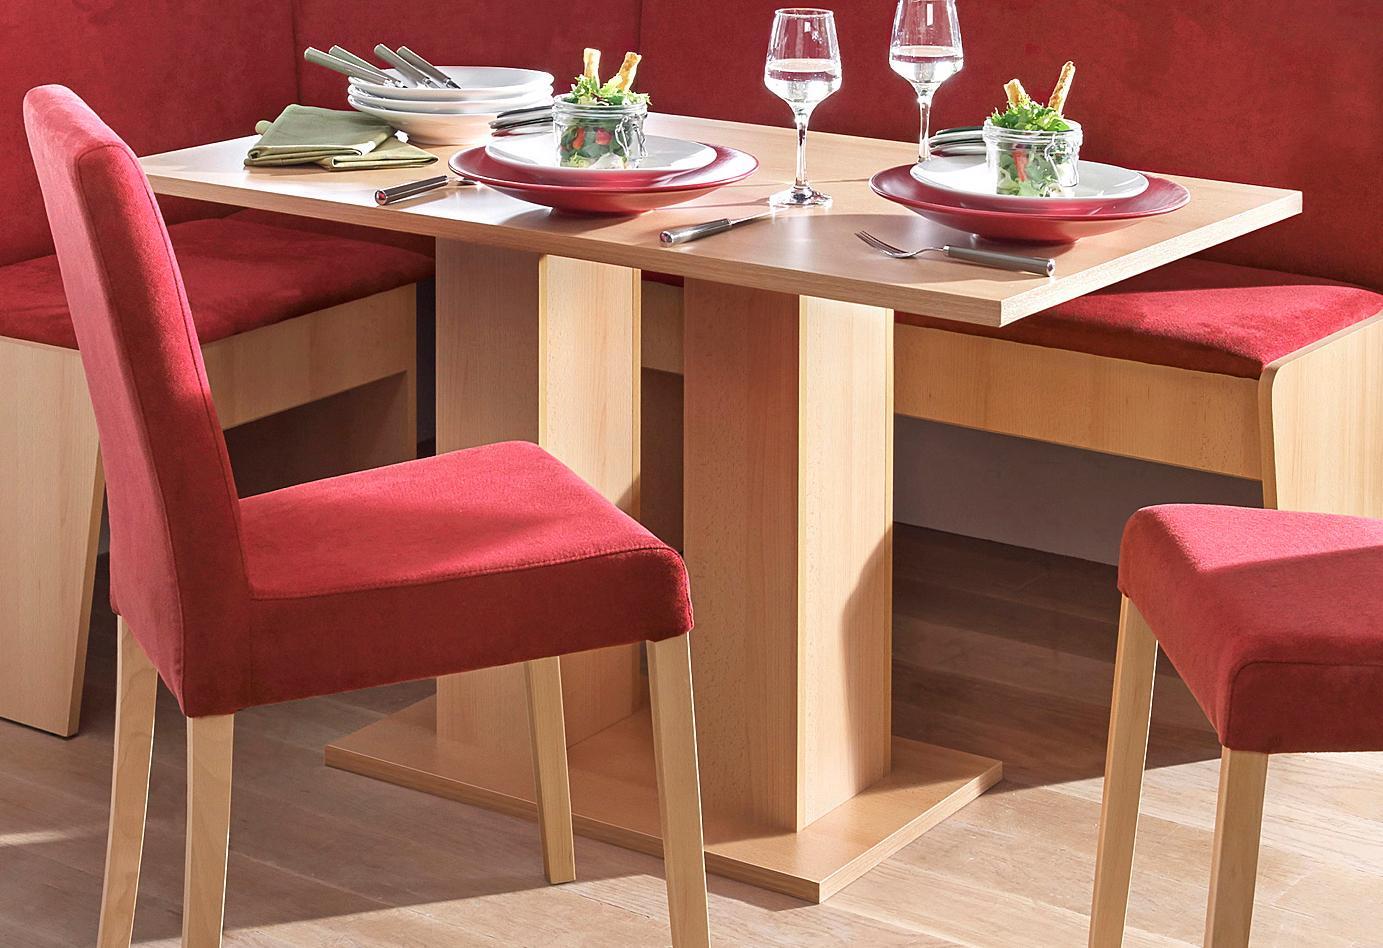 Säulen-Esstisch Wohnen/Möbel/Tische/Esstische/Säulentische